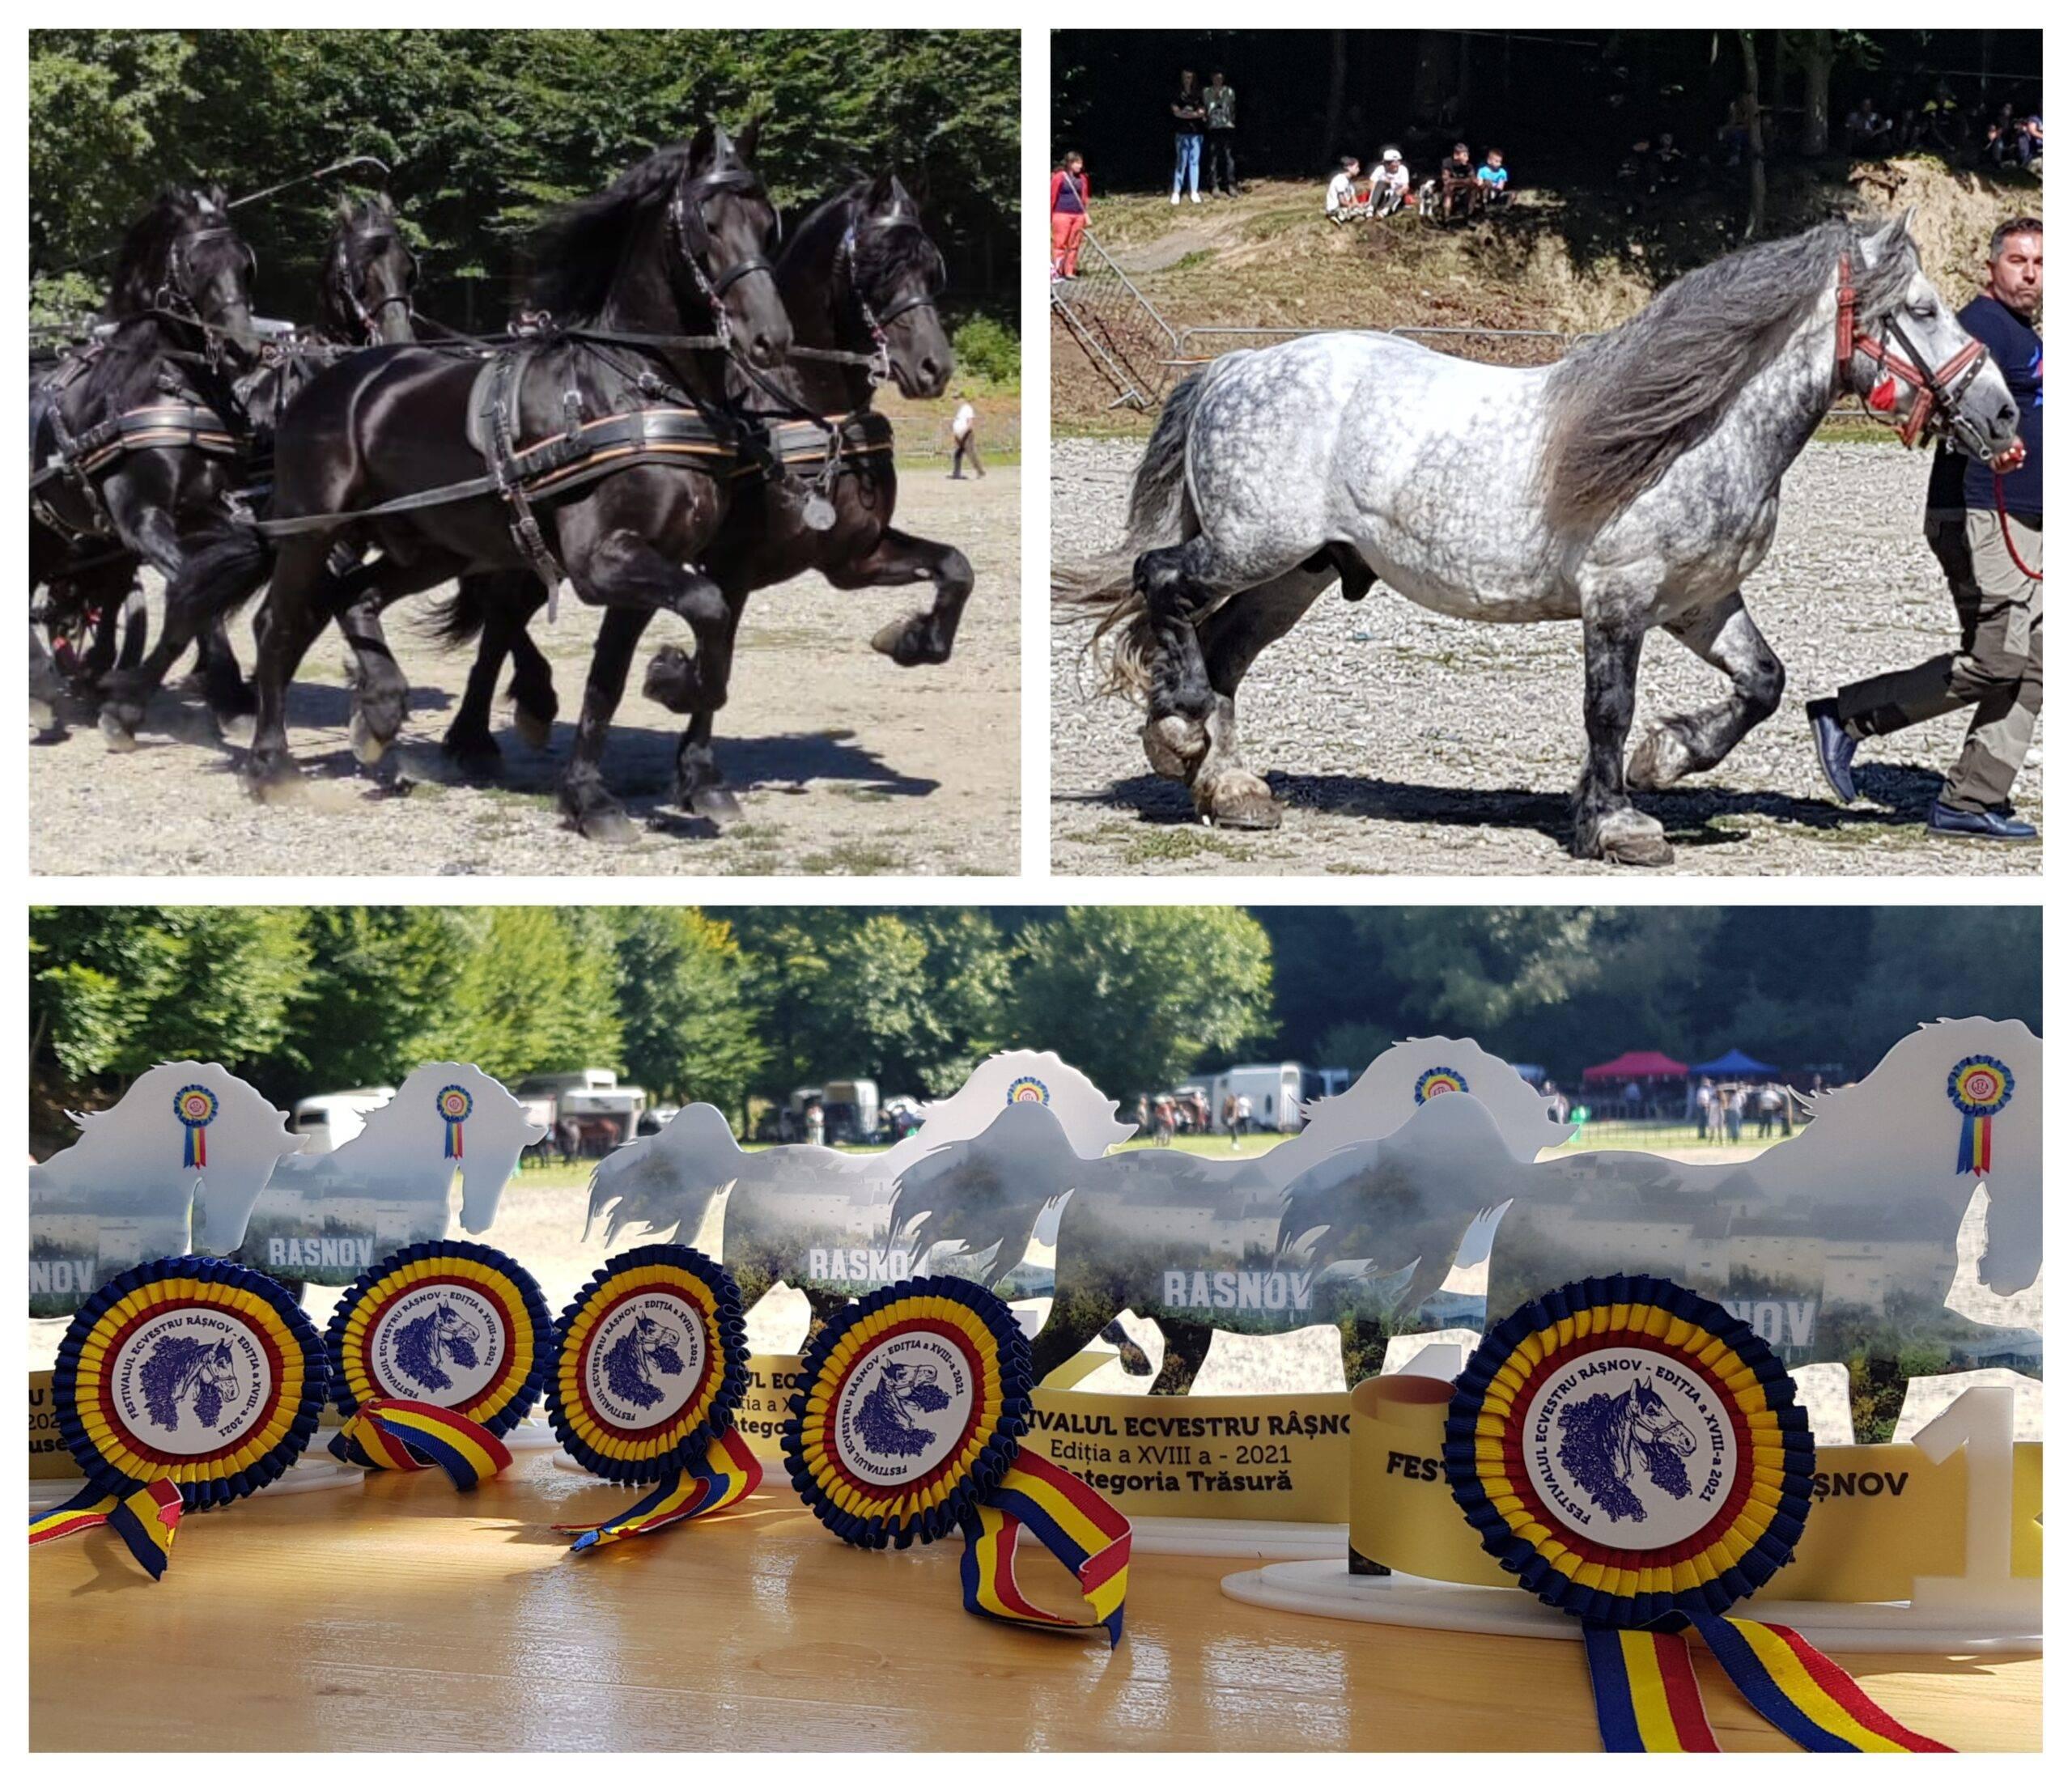 Festivalul Național Ecvestru de la Râșnov a adus la un loc cei mai frumoși cai din România